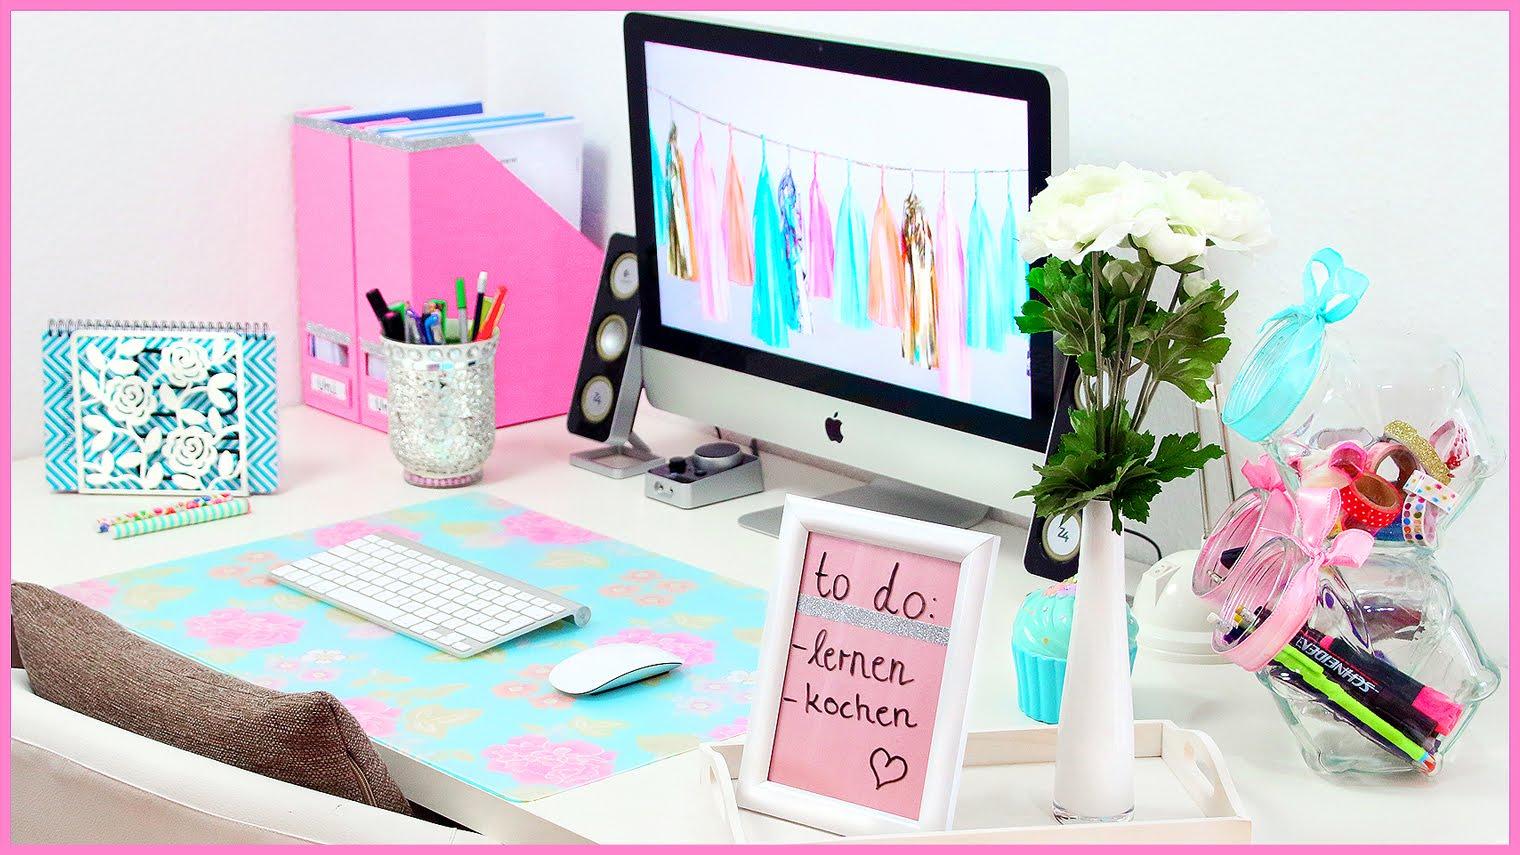 Schreibtisch organisieren ideen tipps for Schreibtisch dekorieren diy